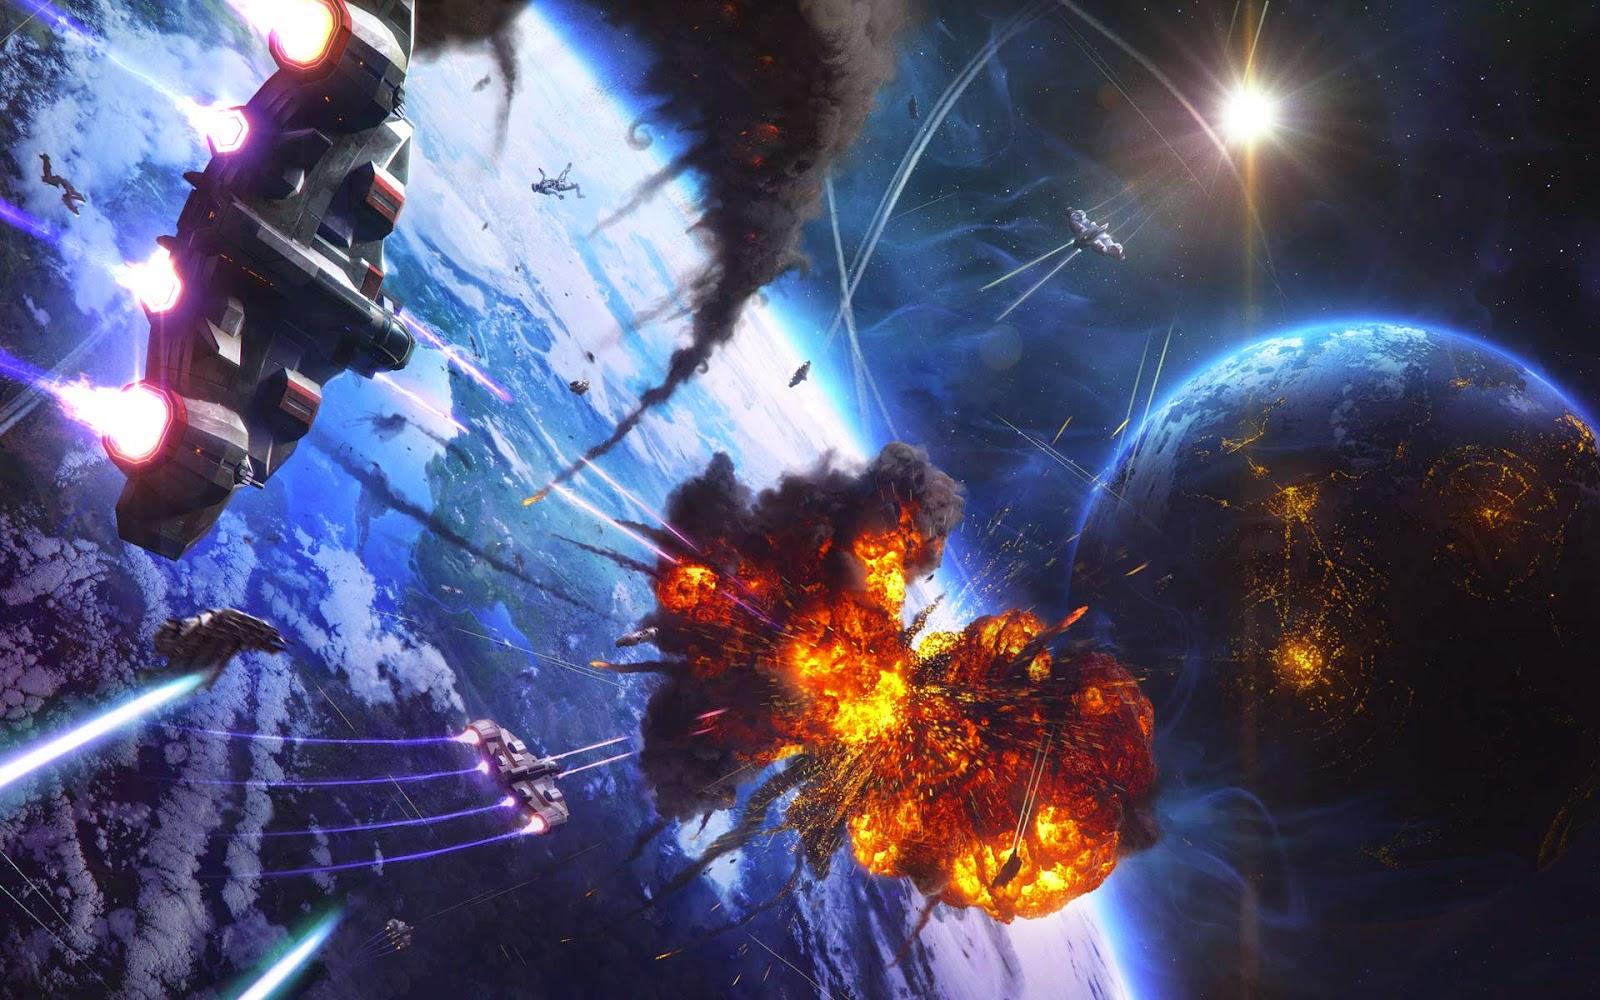 Papel de Parede Ficção Científica Batalha Espacial para pc 3d hd grátis Space desktop hd wallpaper image free